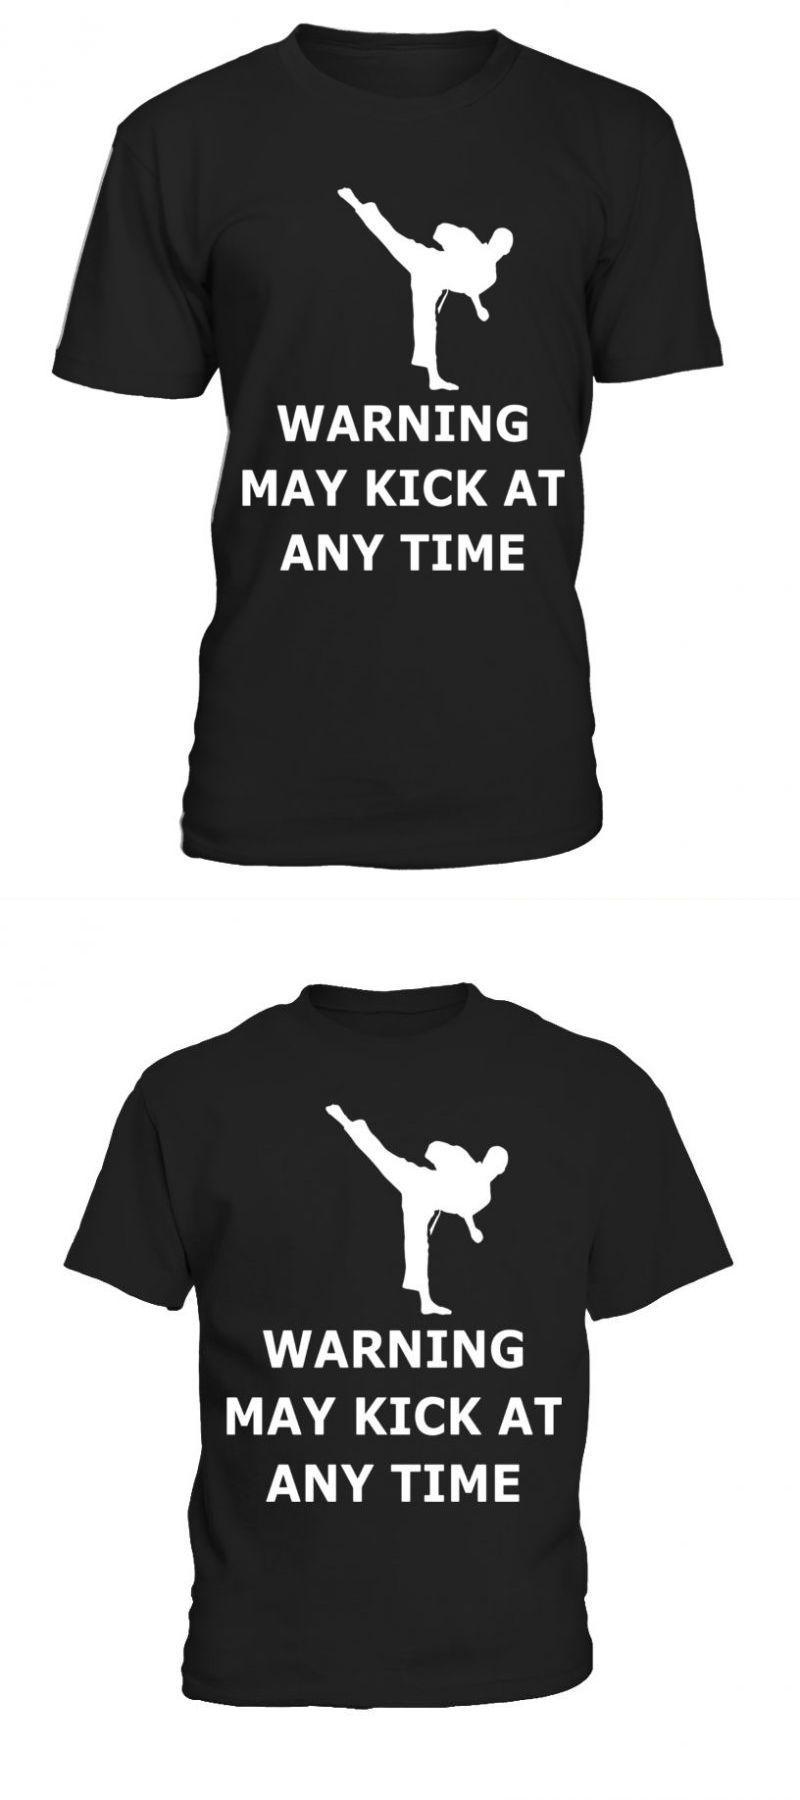 Warning may kick at any time karate martial arts shirt t